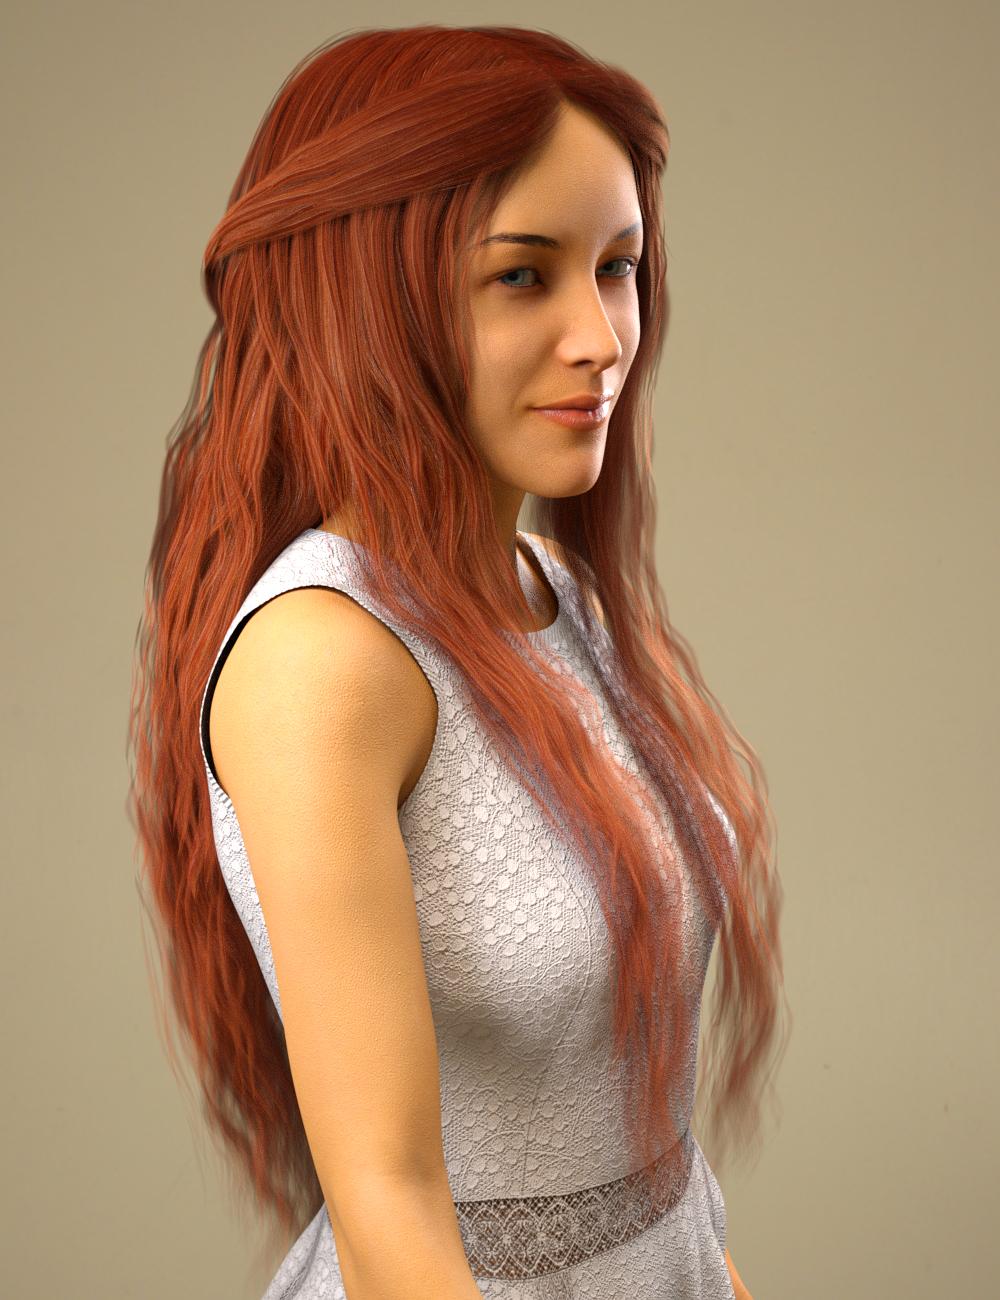 Nerea Hair for Genesis 8 Female(s) by: Toyen, 3D Models by Daz 3D